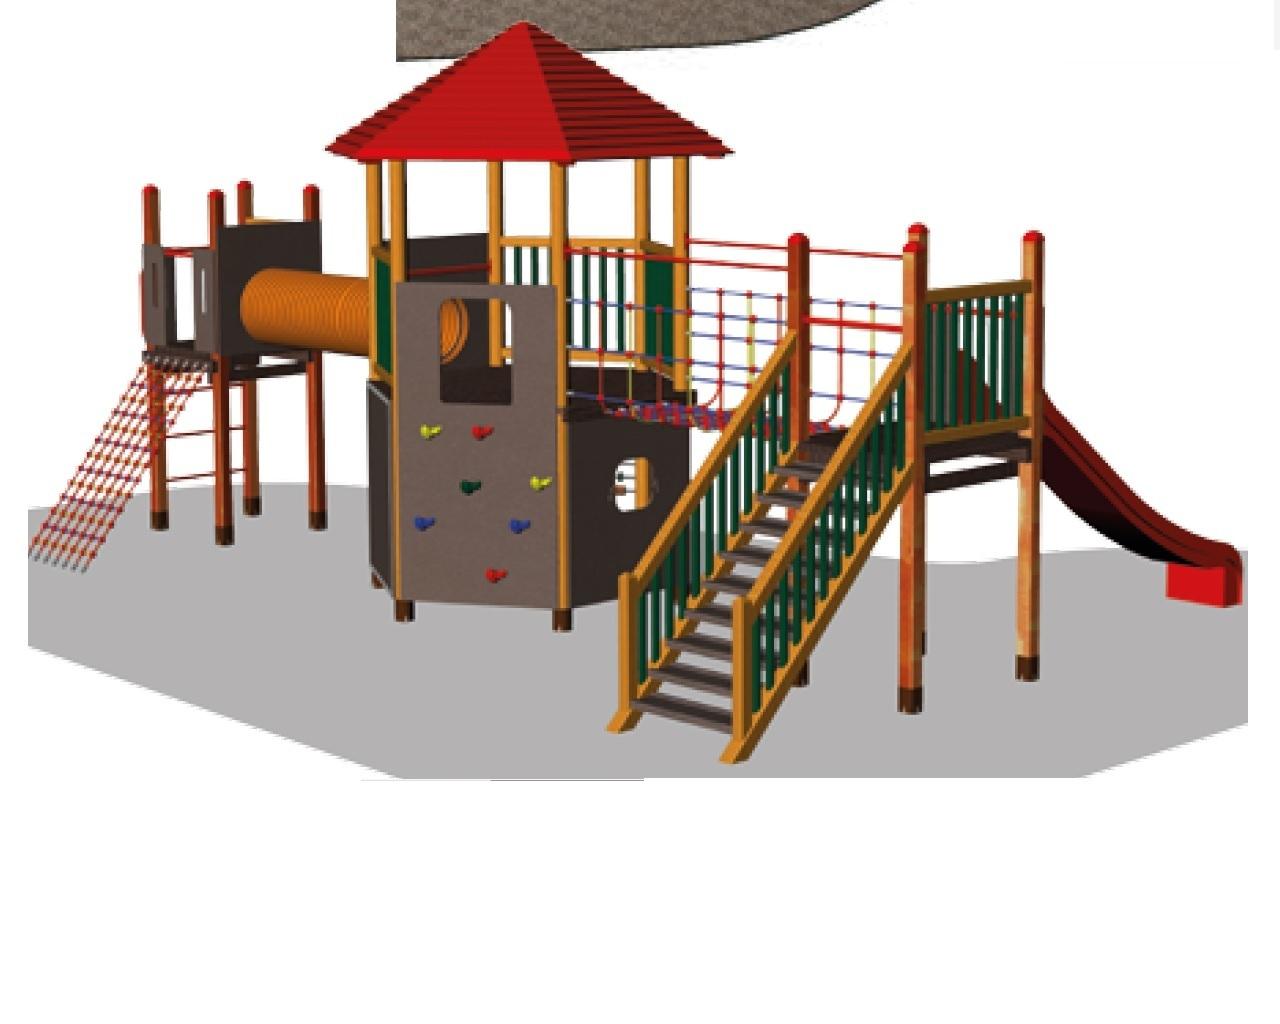 Full Size of Spielanlage Garten Kita Bonn Outdoor Set 47 Kindergarten Spielturm Holzhaus Spielhaus Holz Loungemöbel Gewächshaus Kletterturm Leuchtkugel Lärmschutz Garten Spielanlage Garten